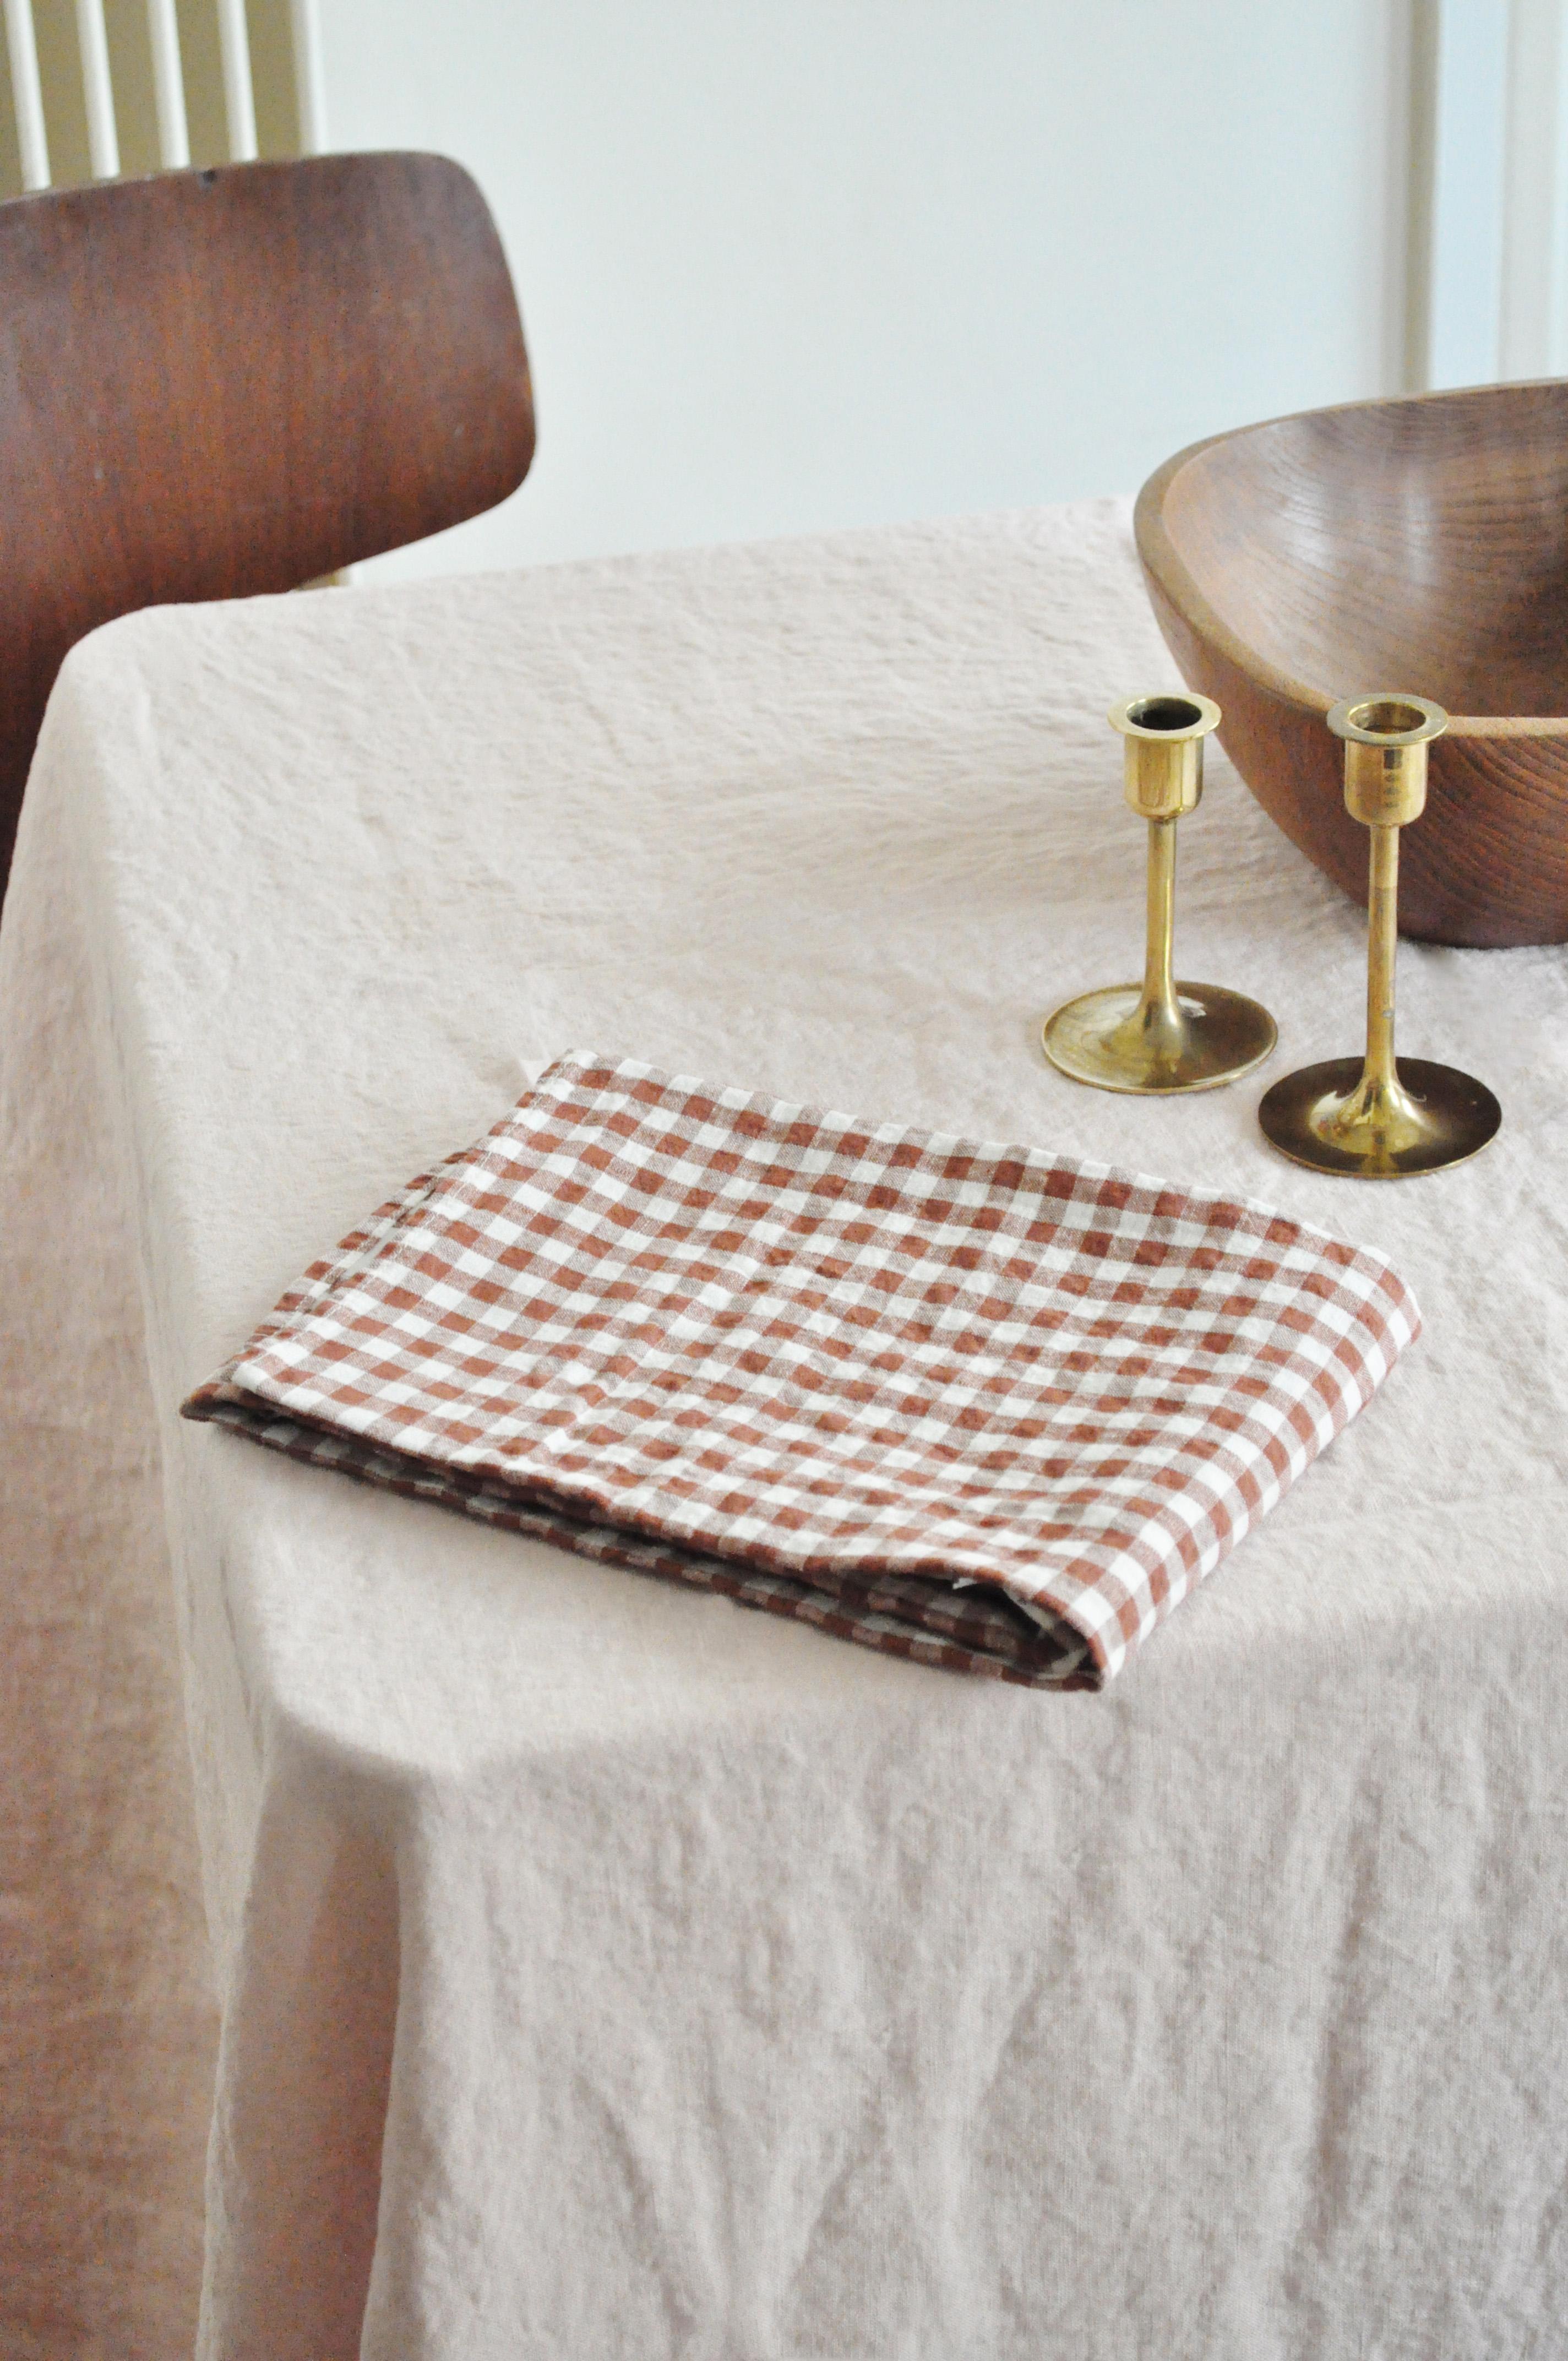 torchon en lin carreaux le vide grenier d 39 une parisienne. Black Bedroom Furniture Sets. Home Design Ideas